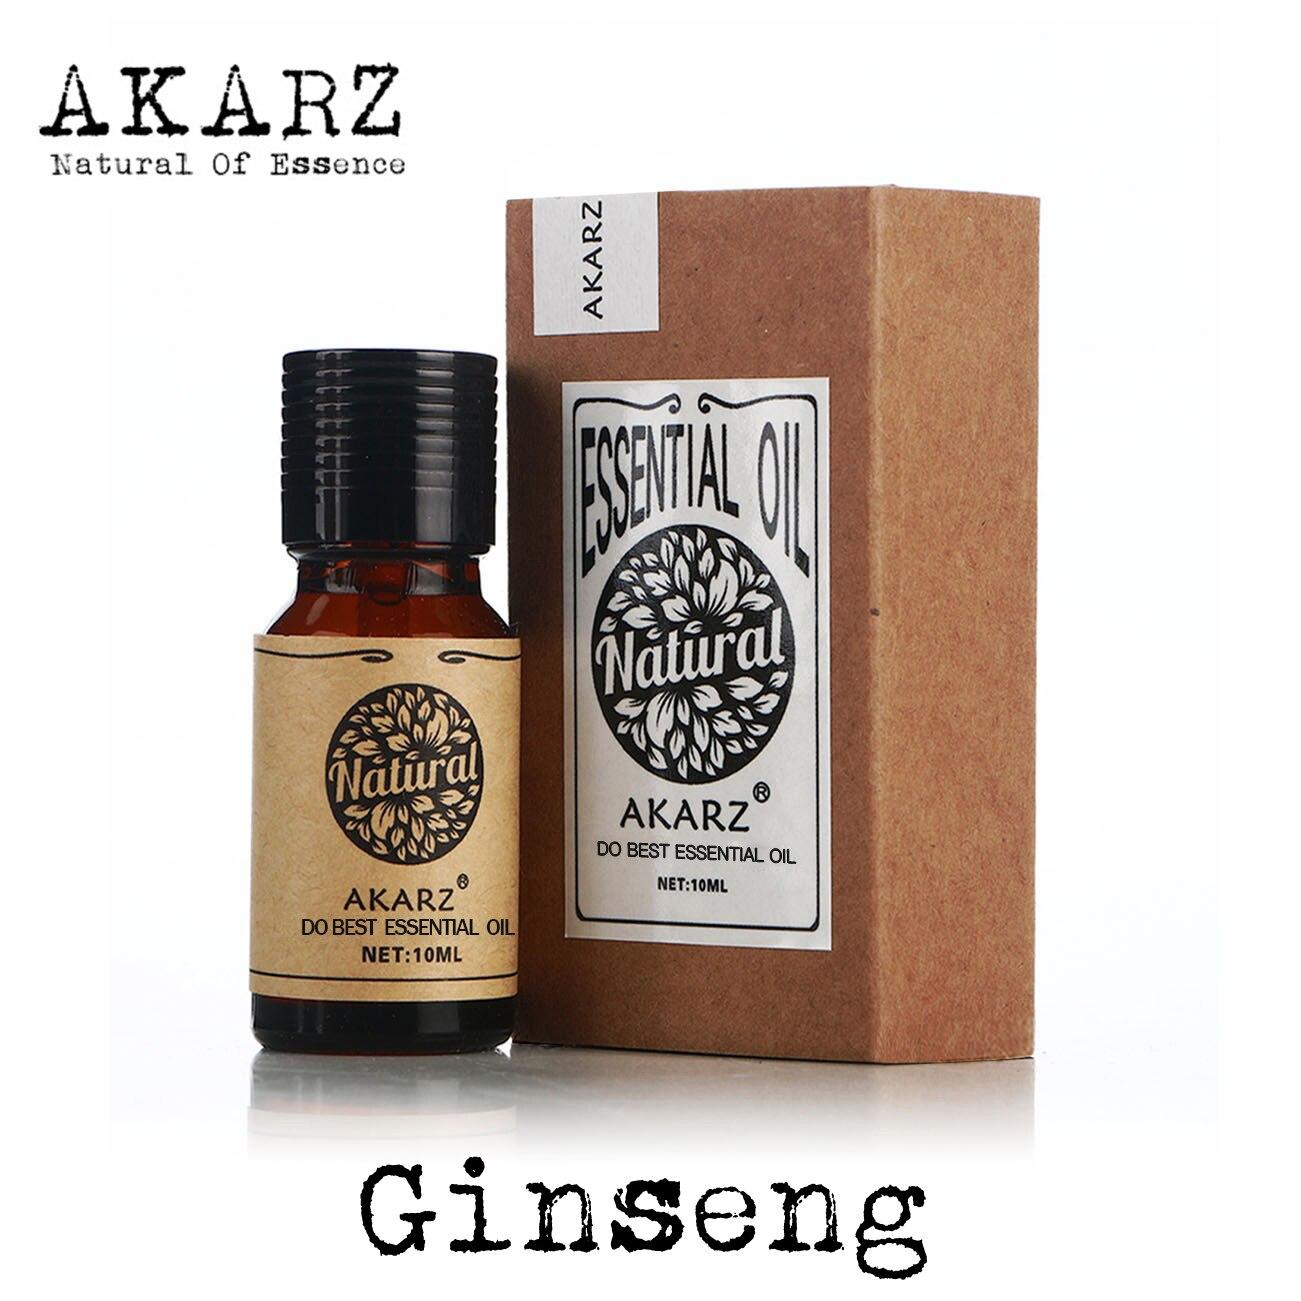 AKARZ znana marka naturalny żeń-szeń niezbędna skóra olejowa odżywianie wilgoci komórek skóry łagodzi zmęczenie żeń-szeń olej